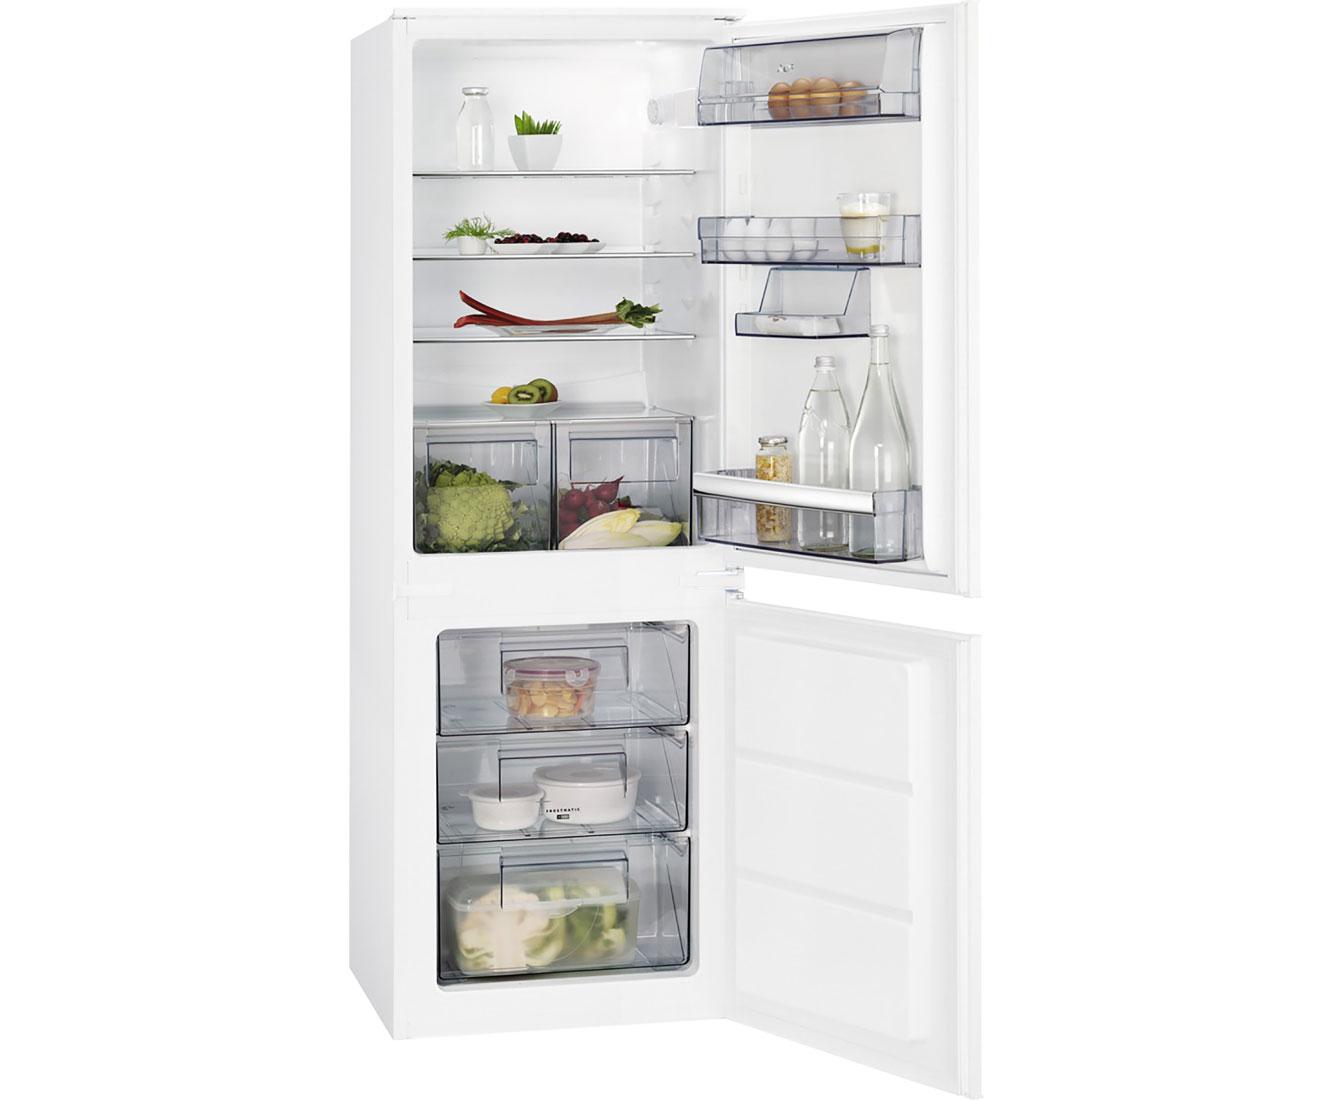 Aeg Kühlschrank Gefrierkombination : Aeg sce ls einbau kühl gefrierkombination er nische